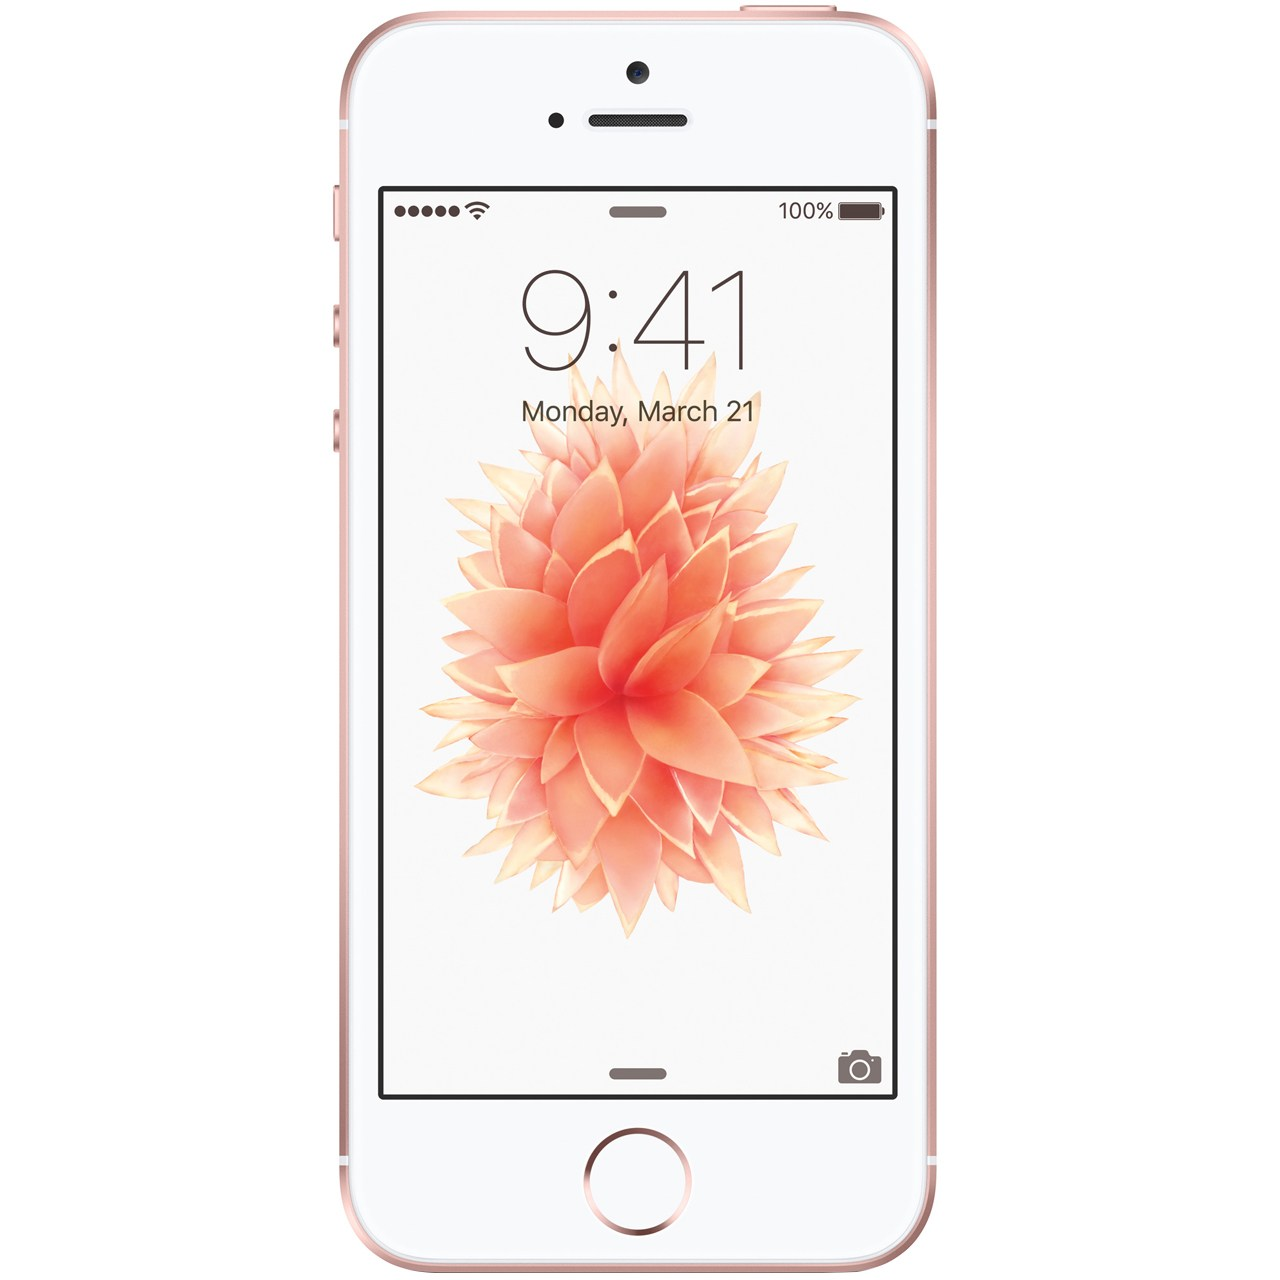 گوشی موبایل اپل مدل iPhone SE - ظرفیت 16 گیگابایت